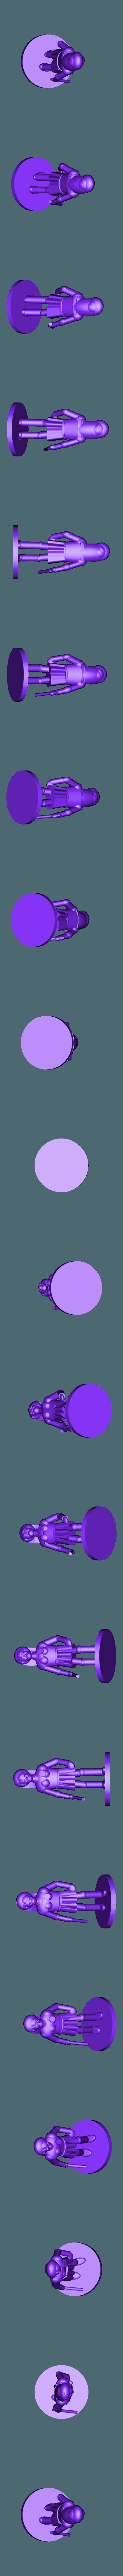 wizardy_girl3_1.stl Télécharger fichier STL gratuit Schoolkids et enseignants magiques • Design à imprimer en 3D, Earsling